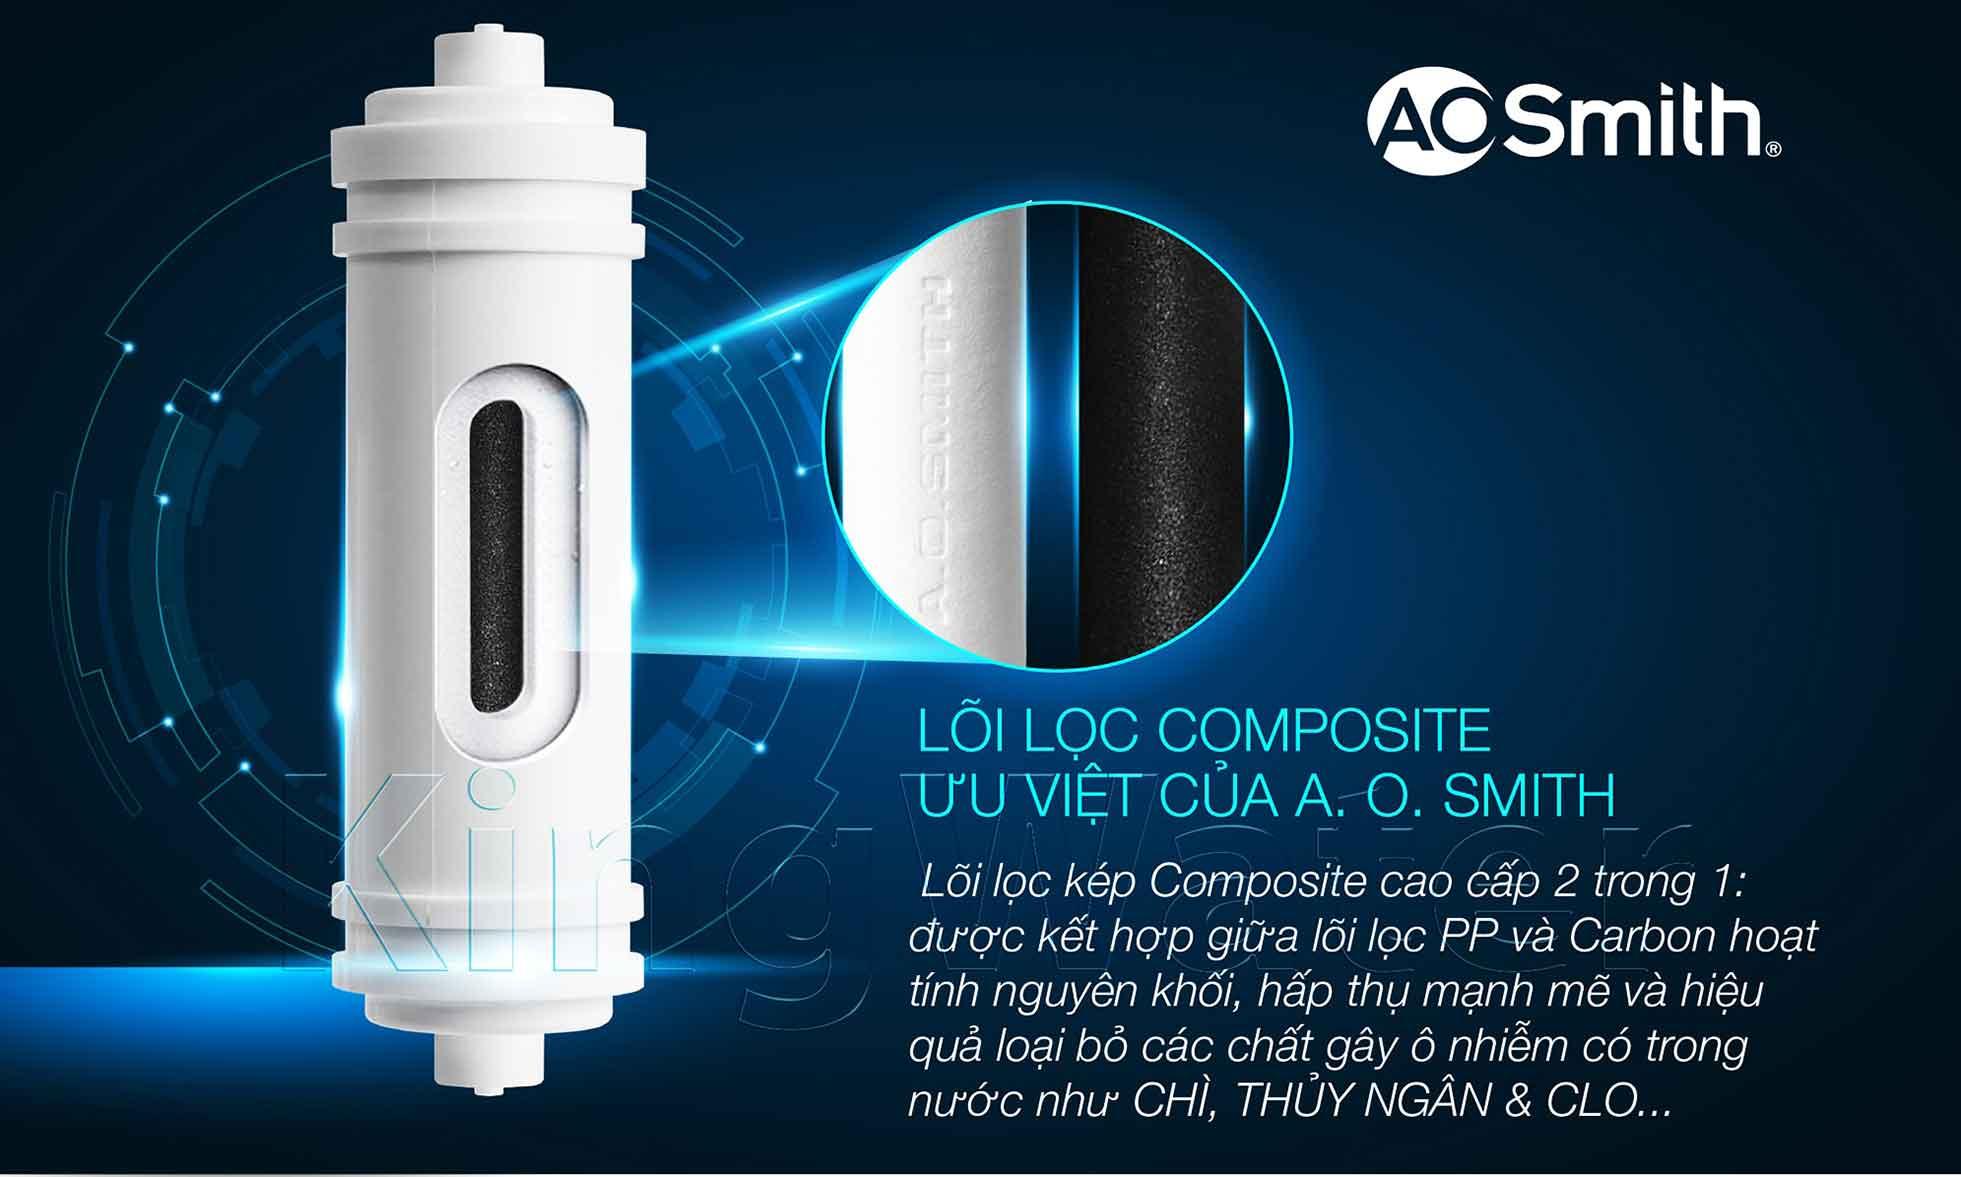 Bước 1 & 2 của máy Ao Smith A-S-H1 là bộ lọc Compossite